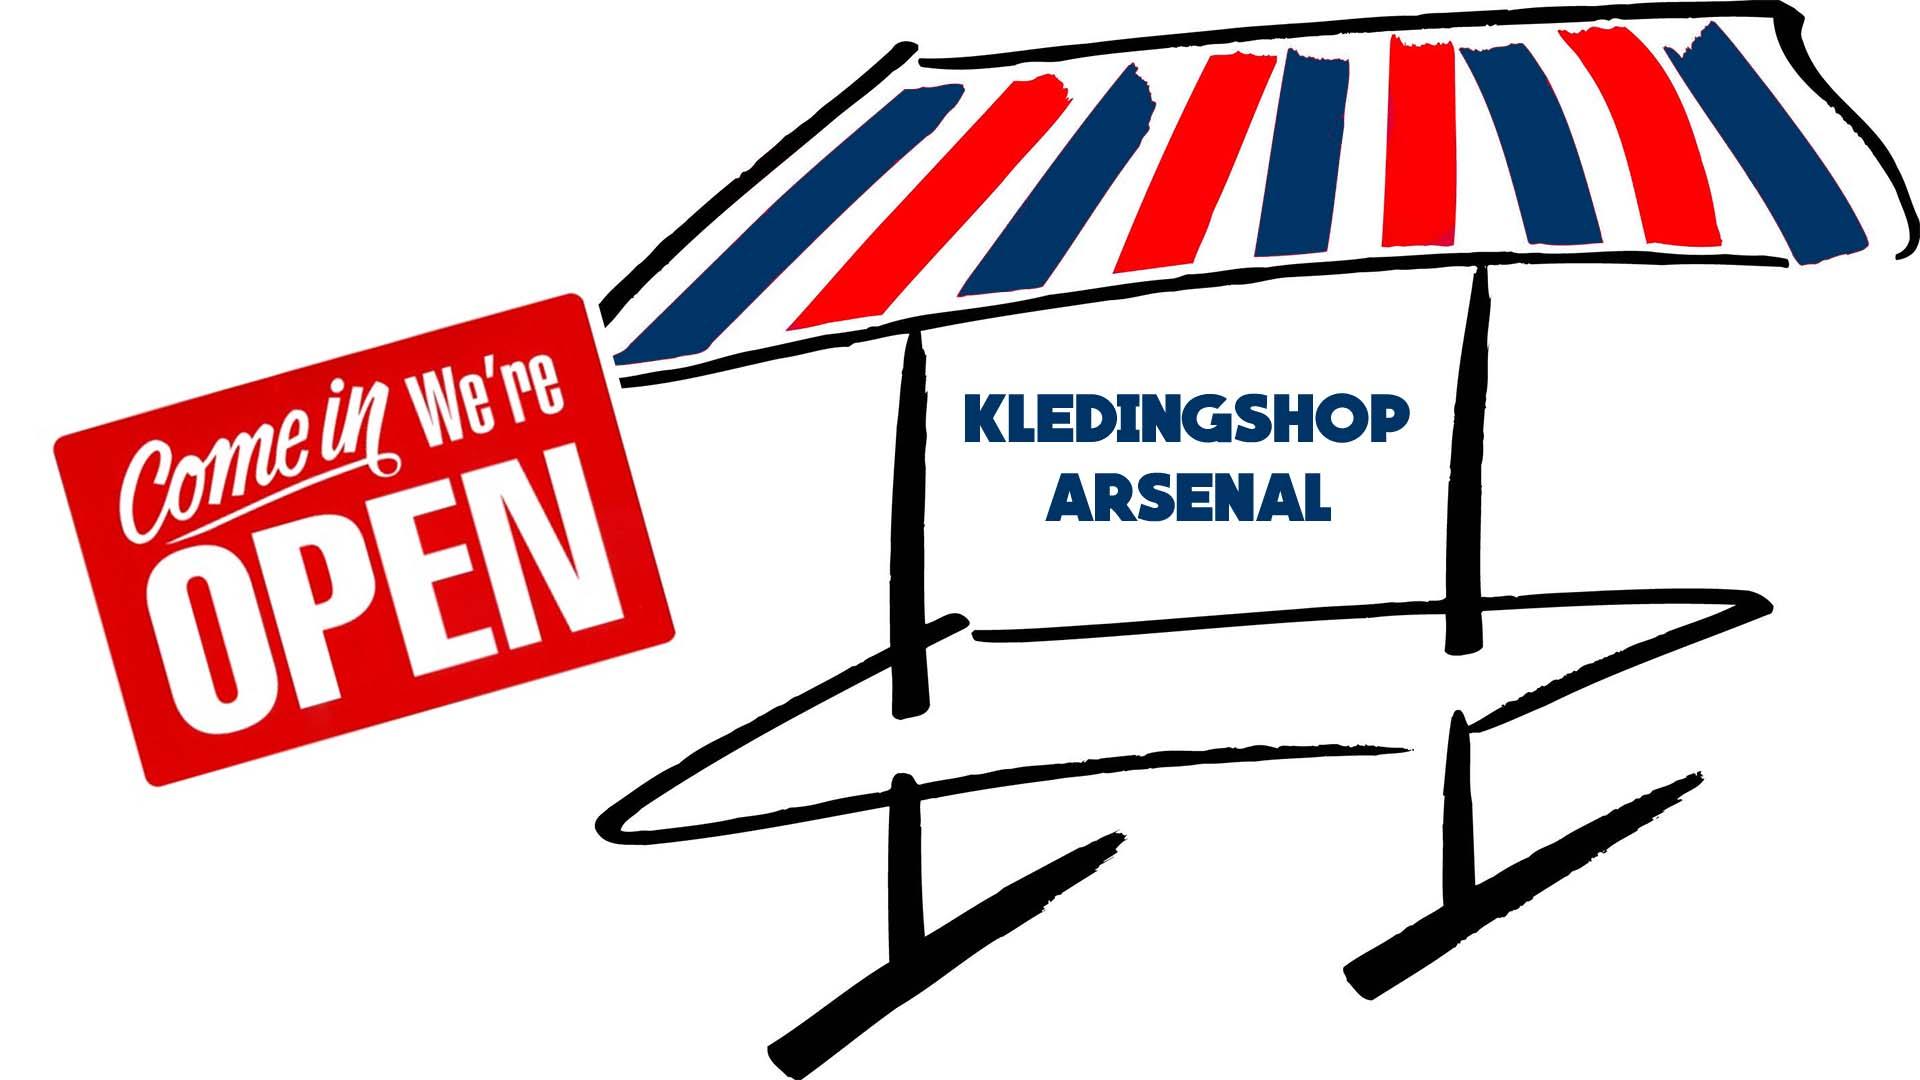 Openingstijden Arsenal Kledingshop